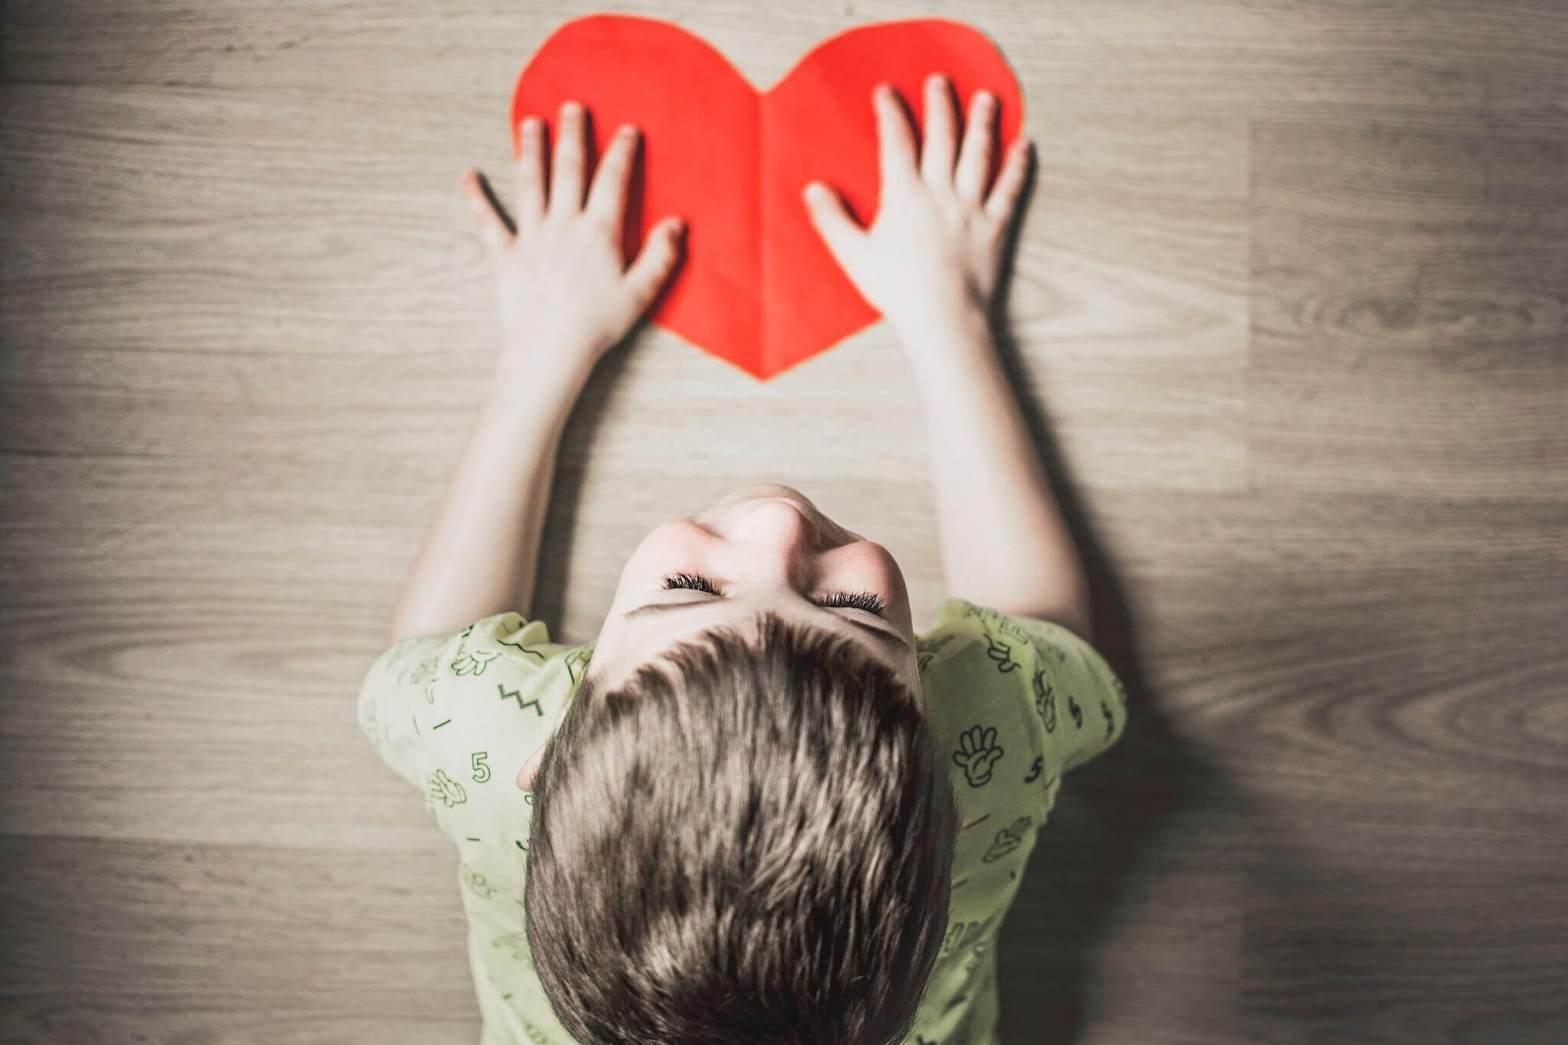 parentalité positive, parentalité bienveillante, empathie, amour, enfant, bébé